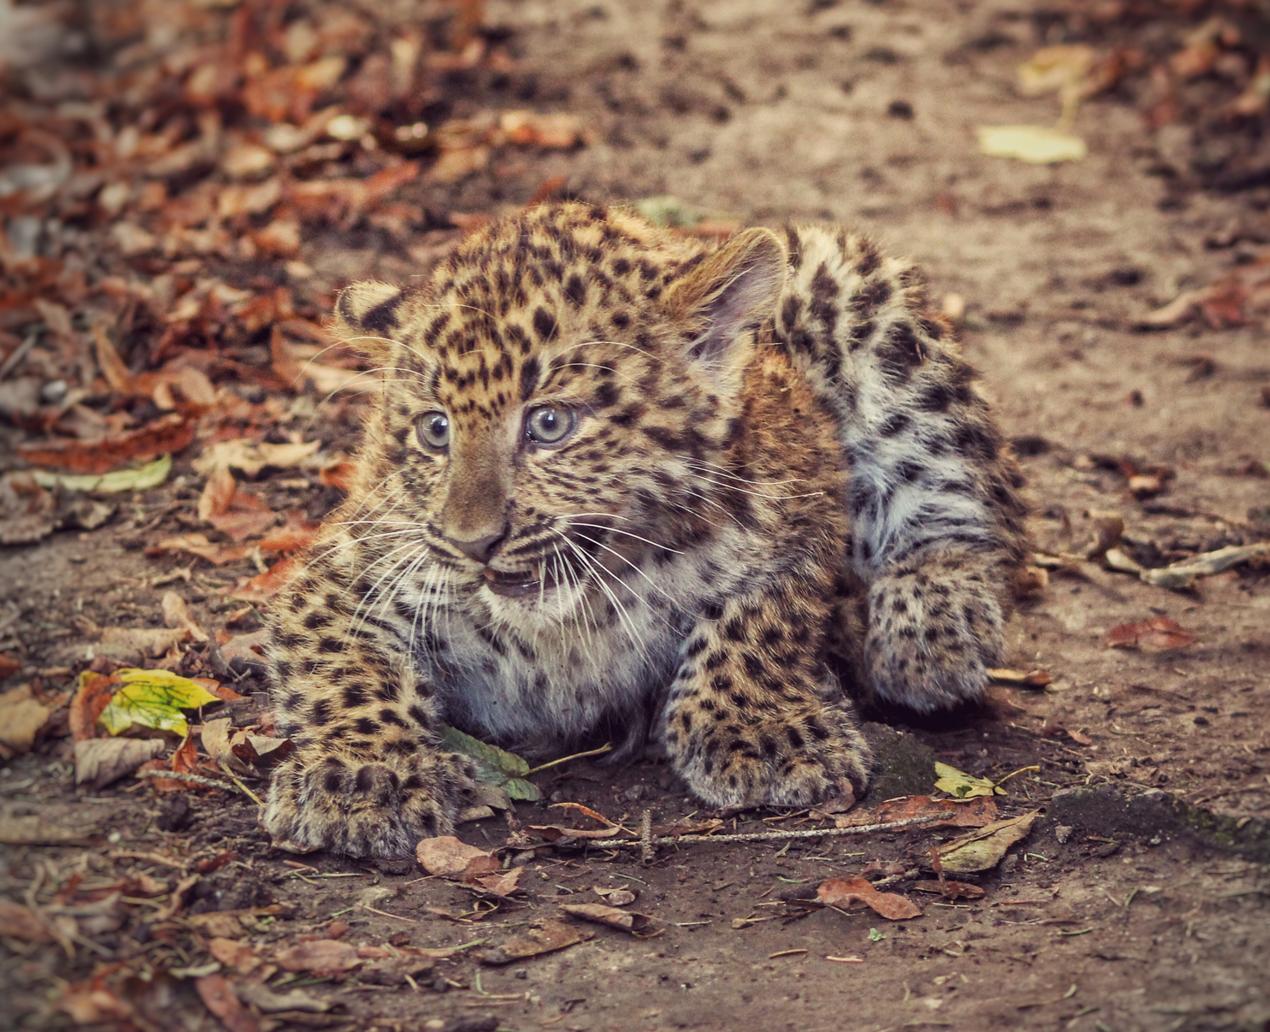 Leopardenbaby Shakira ©Archiv KulTourStadt Gotha GmbH